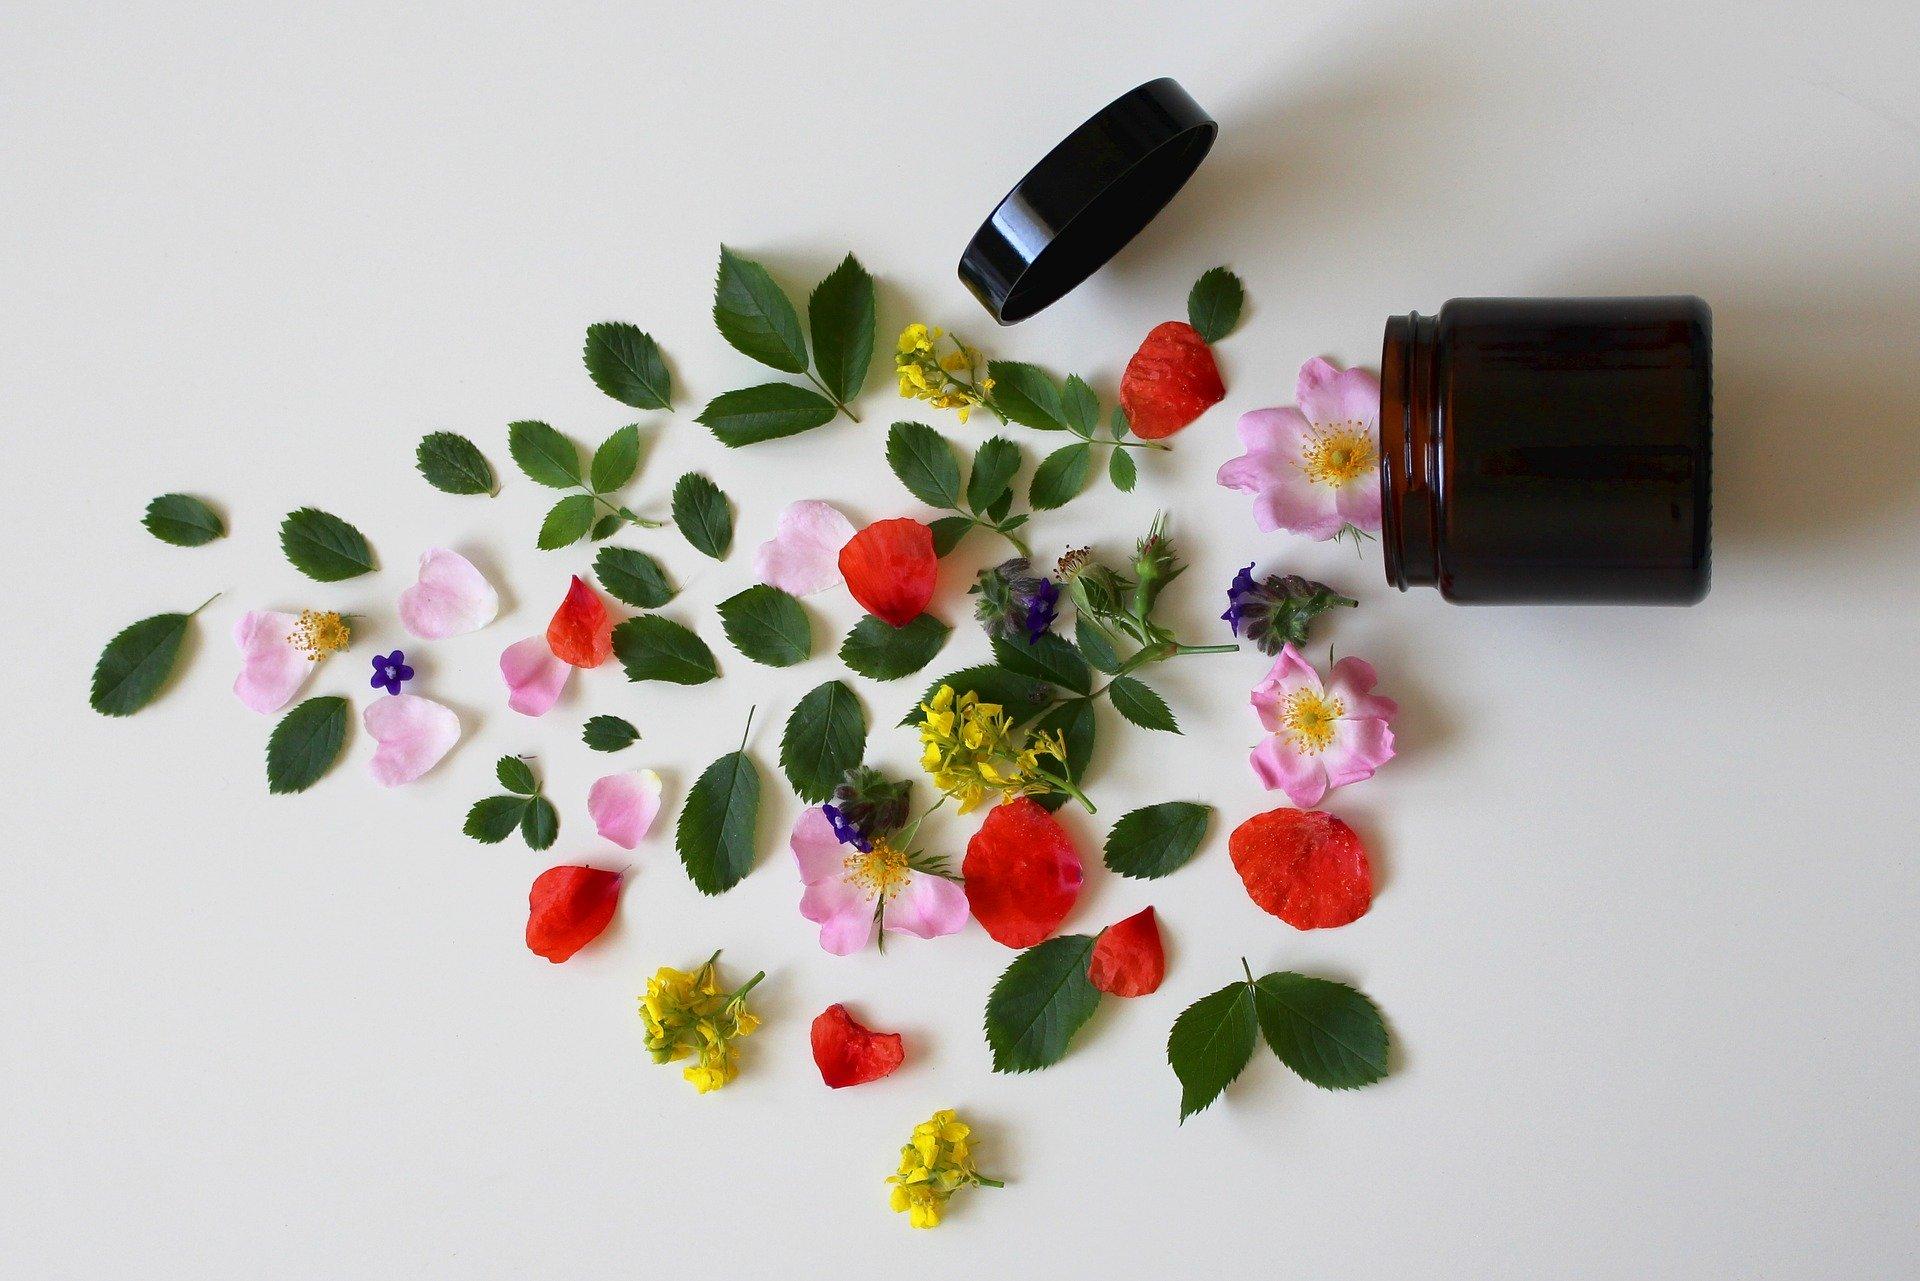 cosmétique naturel